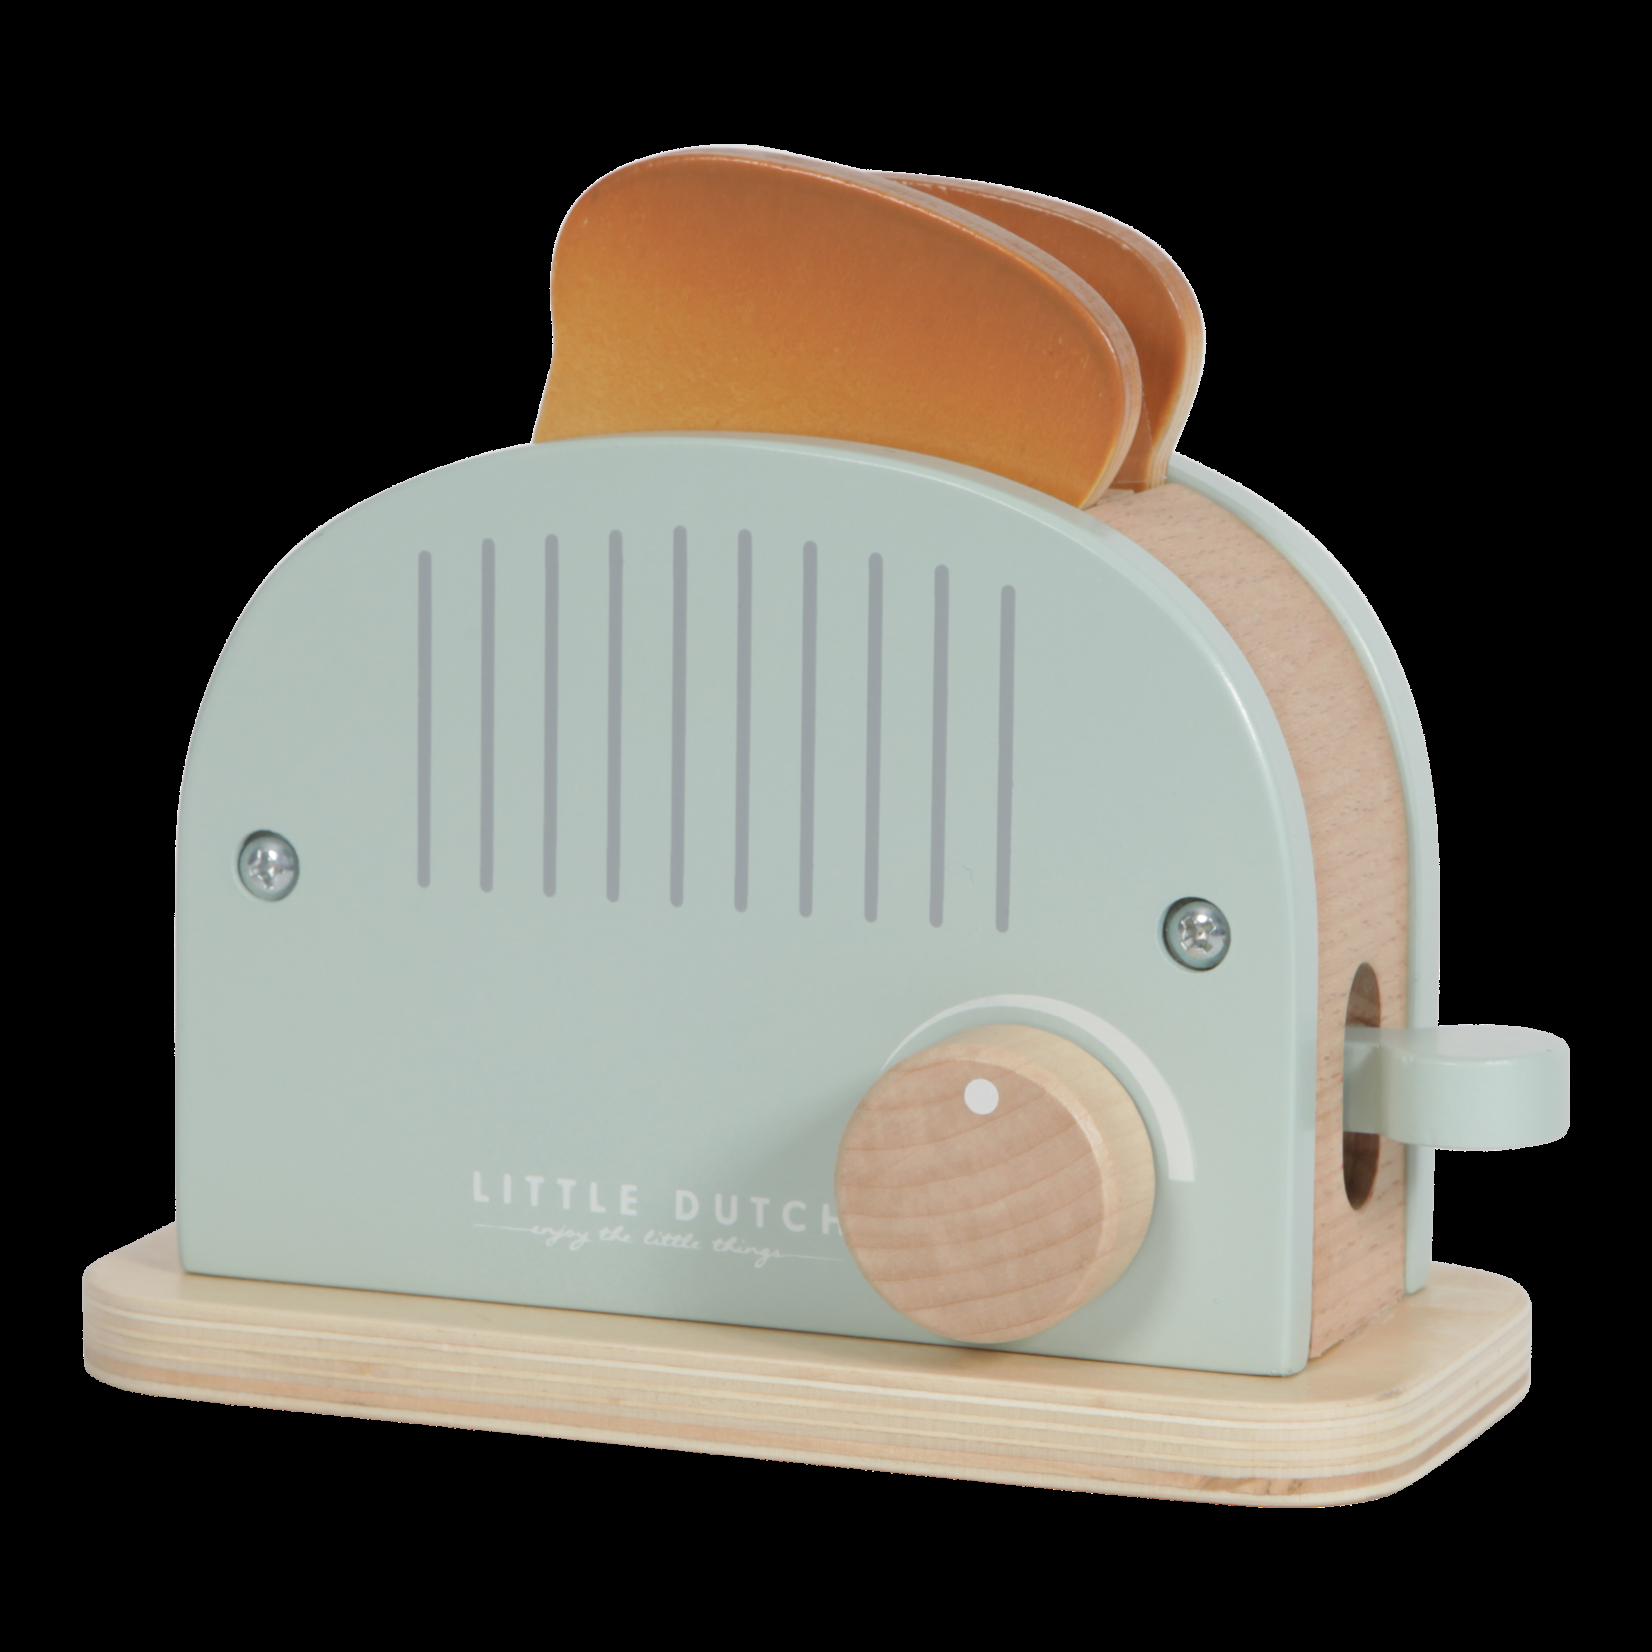 Little Dutch Houten Broodrooster